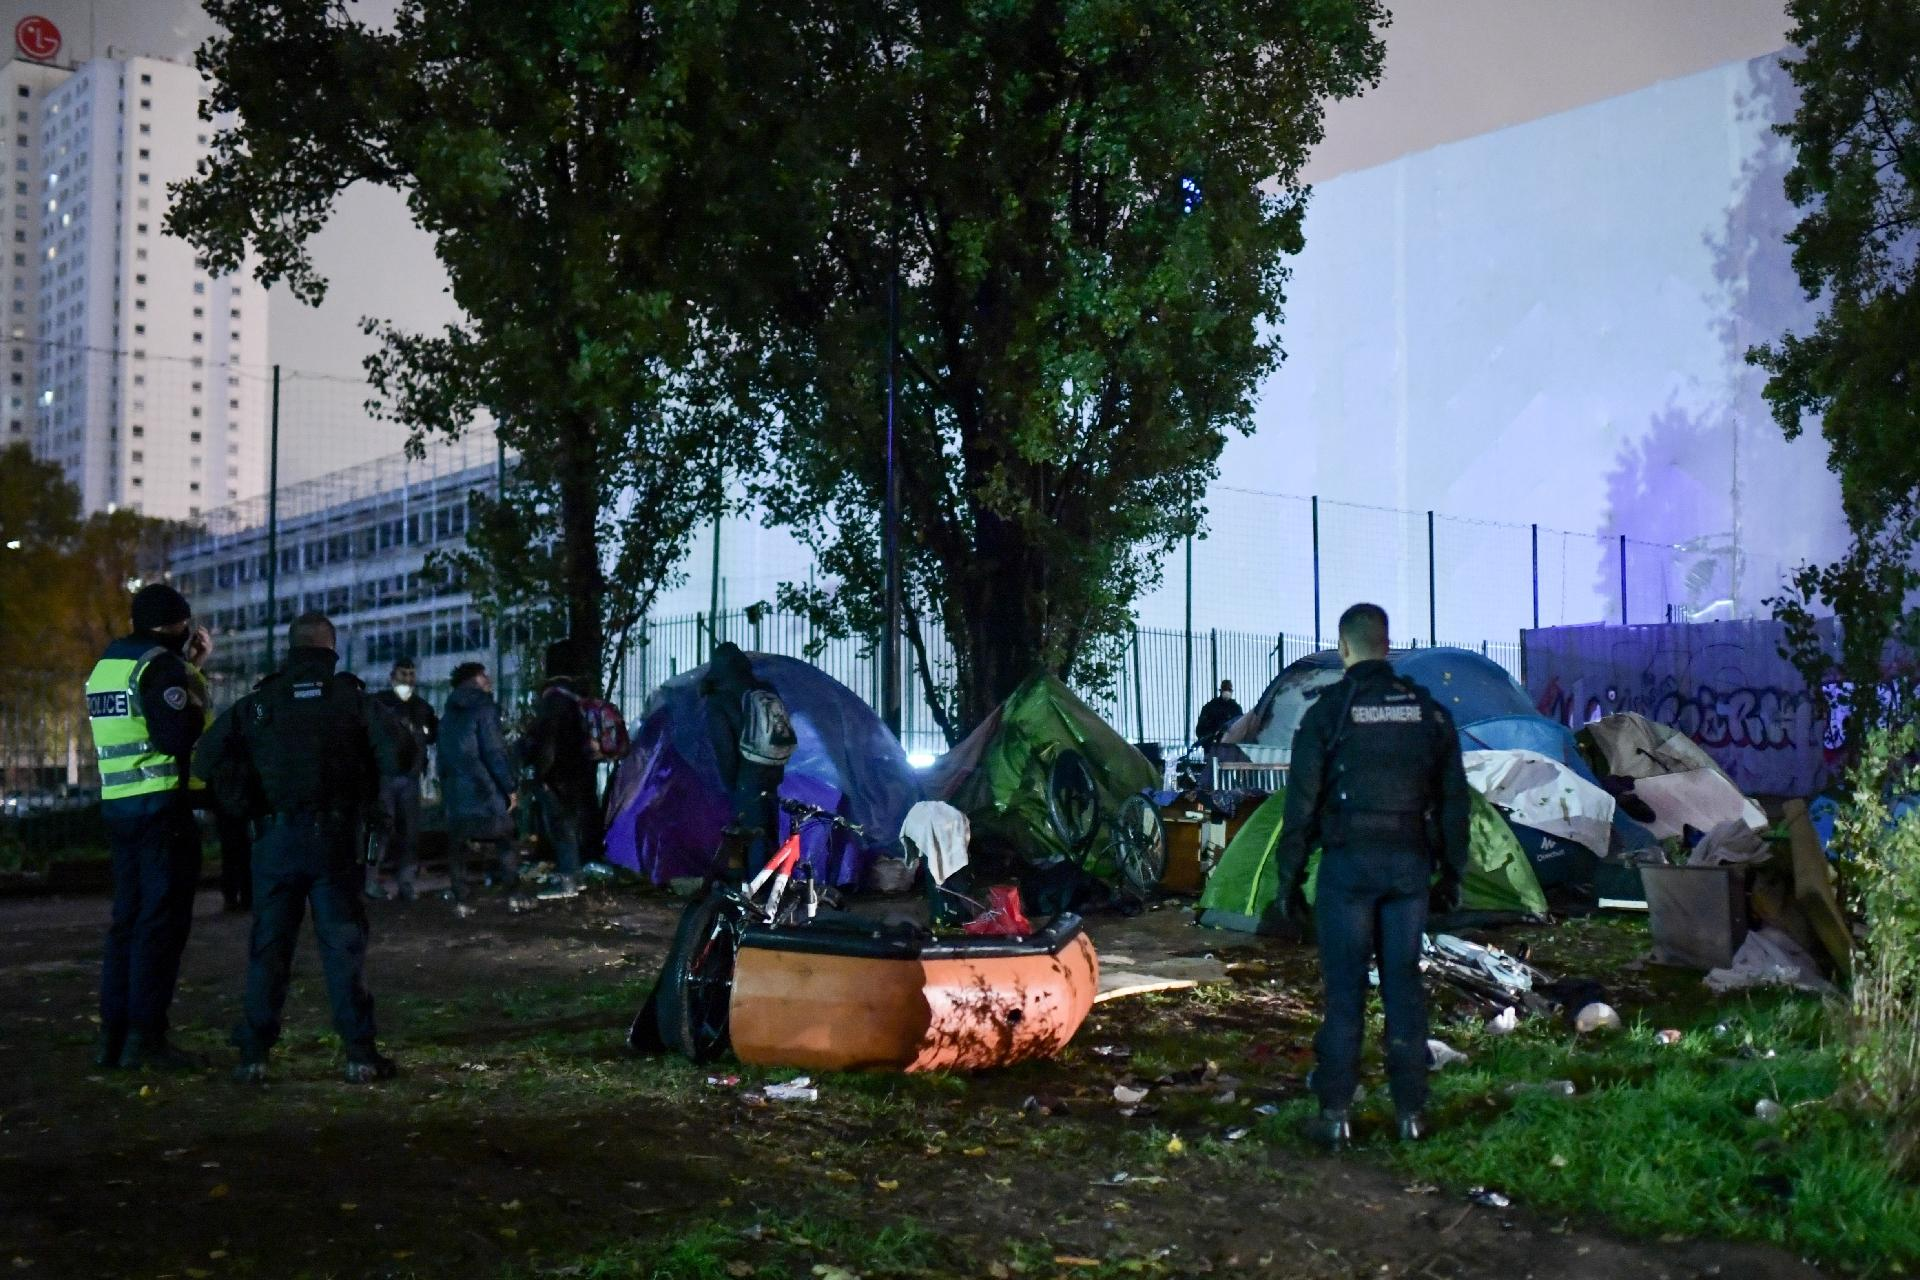 «Révoltant», «policiers exaspérés»: les réactions des sénateurs après l'évacuation violente d'un camp de migrants à Paris